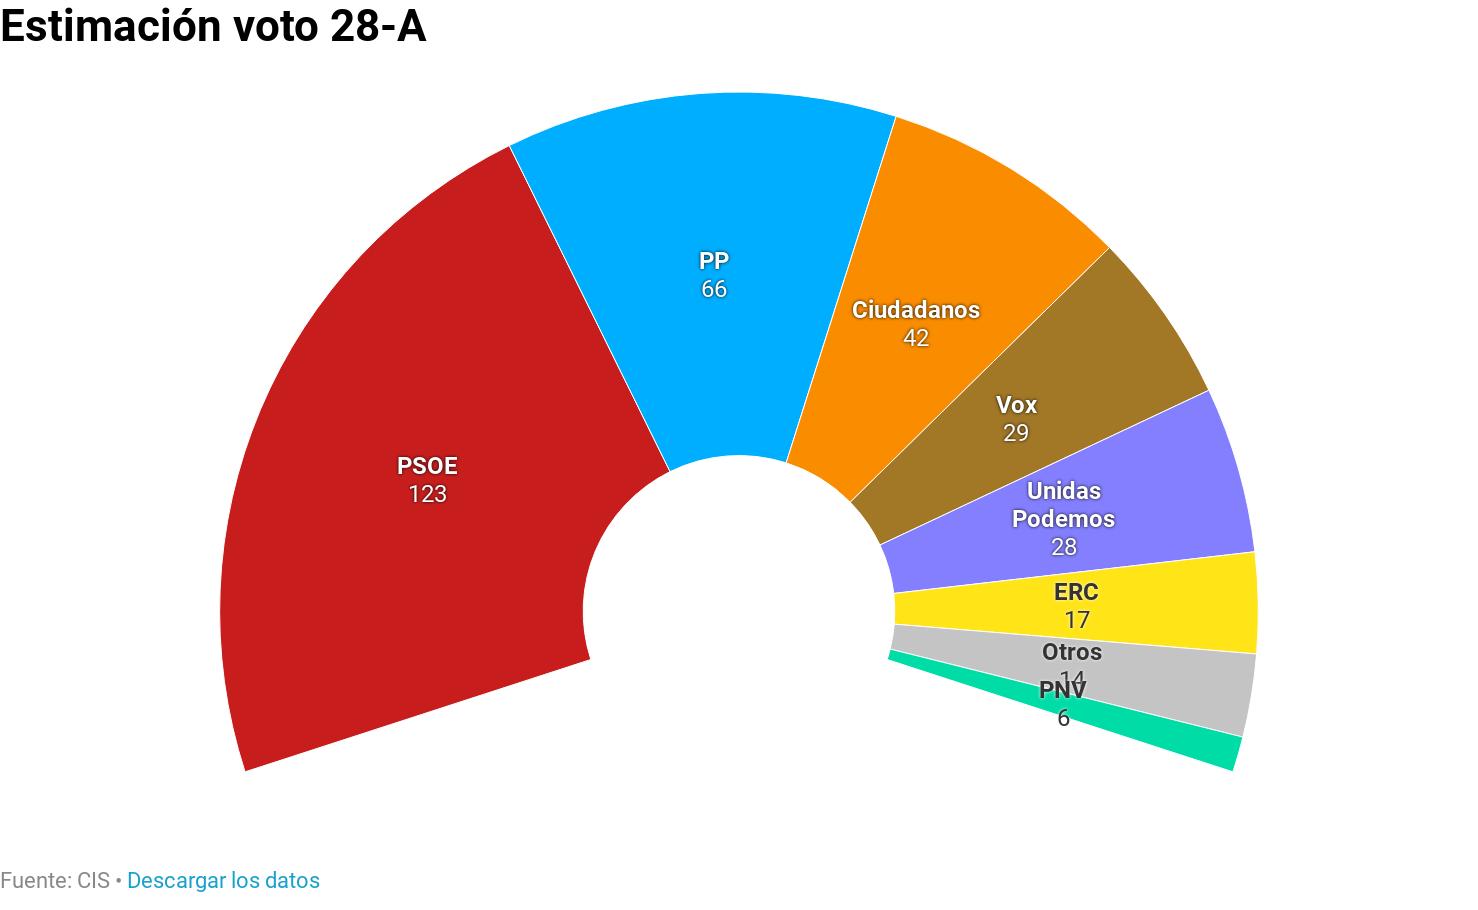 Estimación de voto 28-A